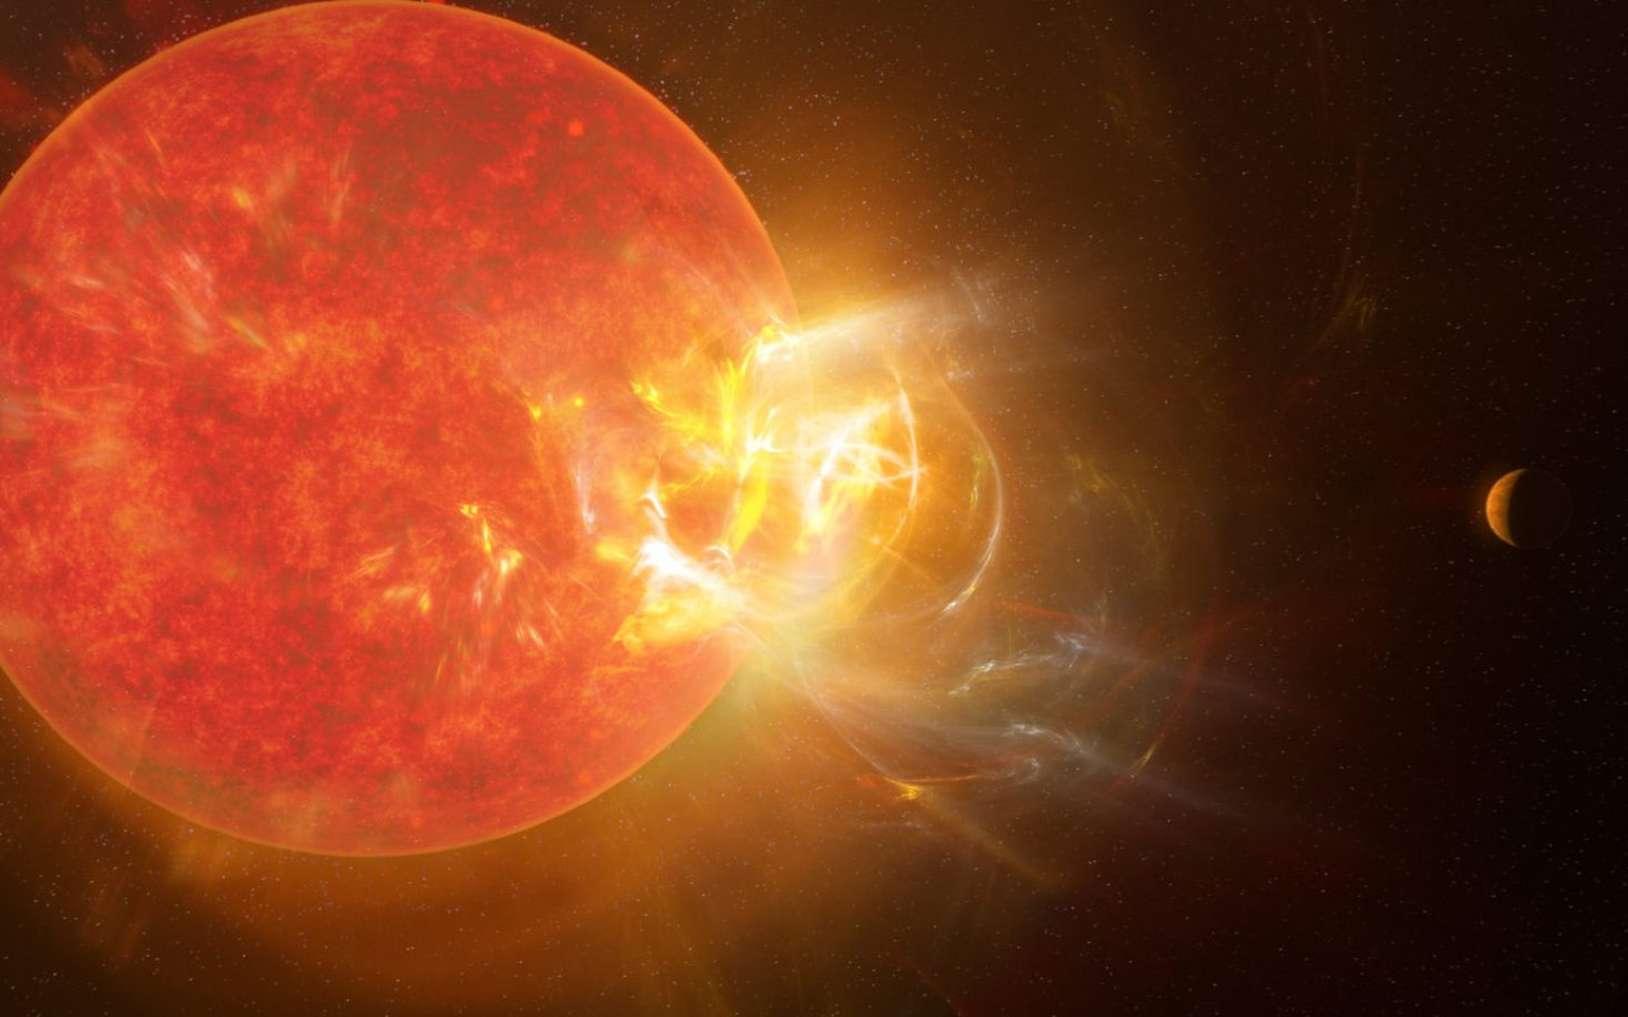 Vision artistique de la violente éruption stellaire de Proxima Centauri découverte par des scientifiques en 2019 à l'aide de neuf télescopes dont l'Atacama Large Millimeter/submillimeter Array (Alma). © NRAO, S. Dagnello